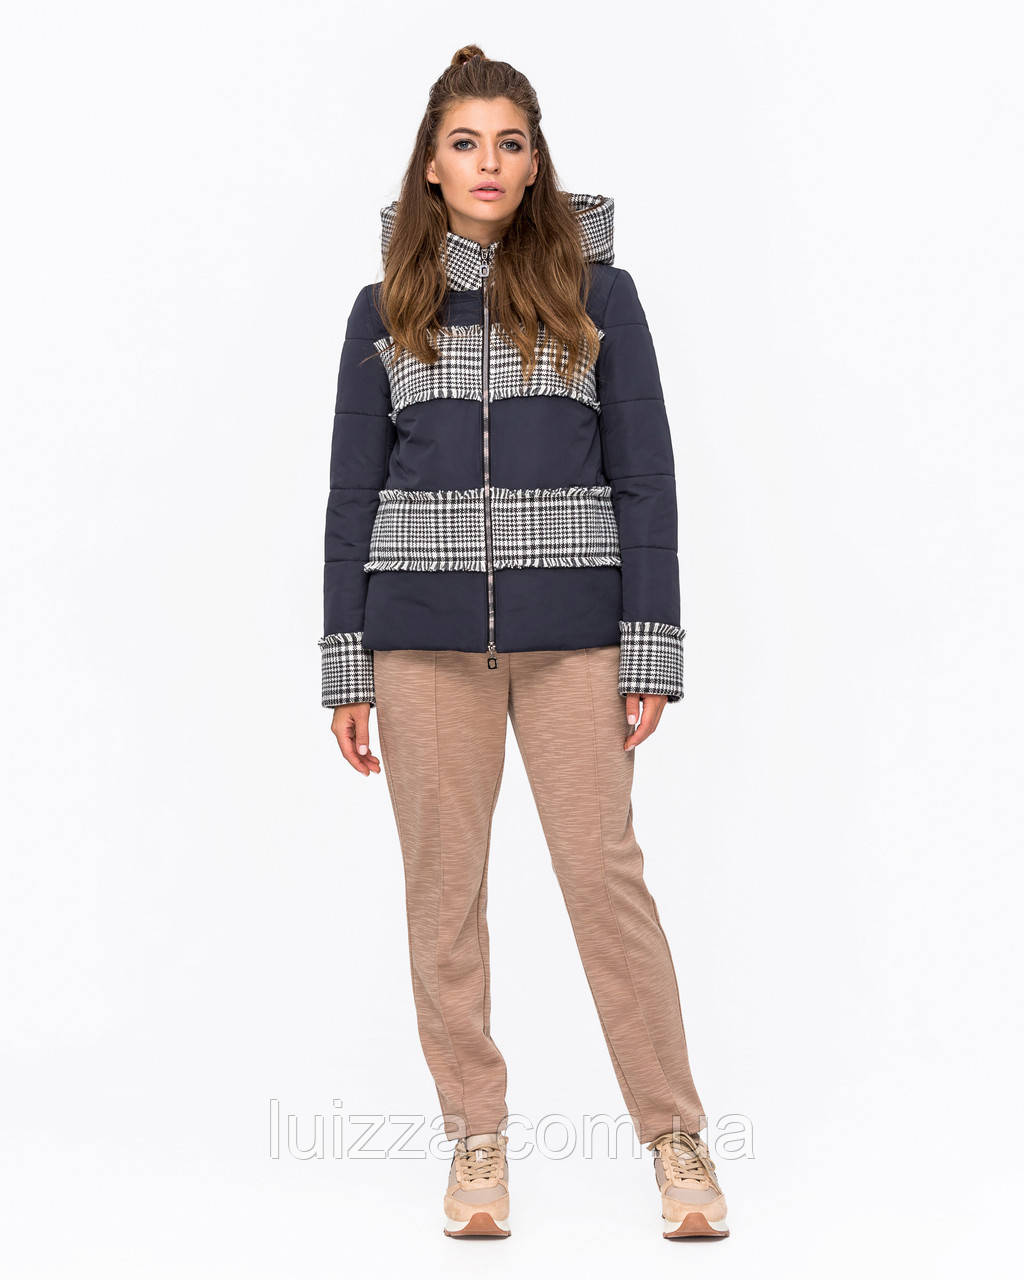 Куртка комбинированная с твидом синяя 42-50р